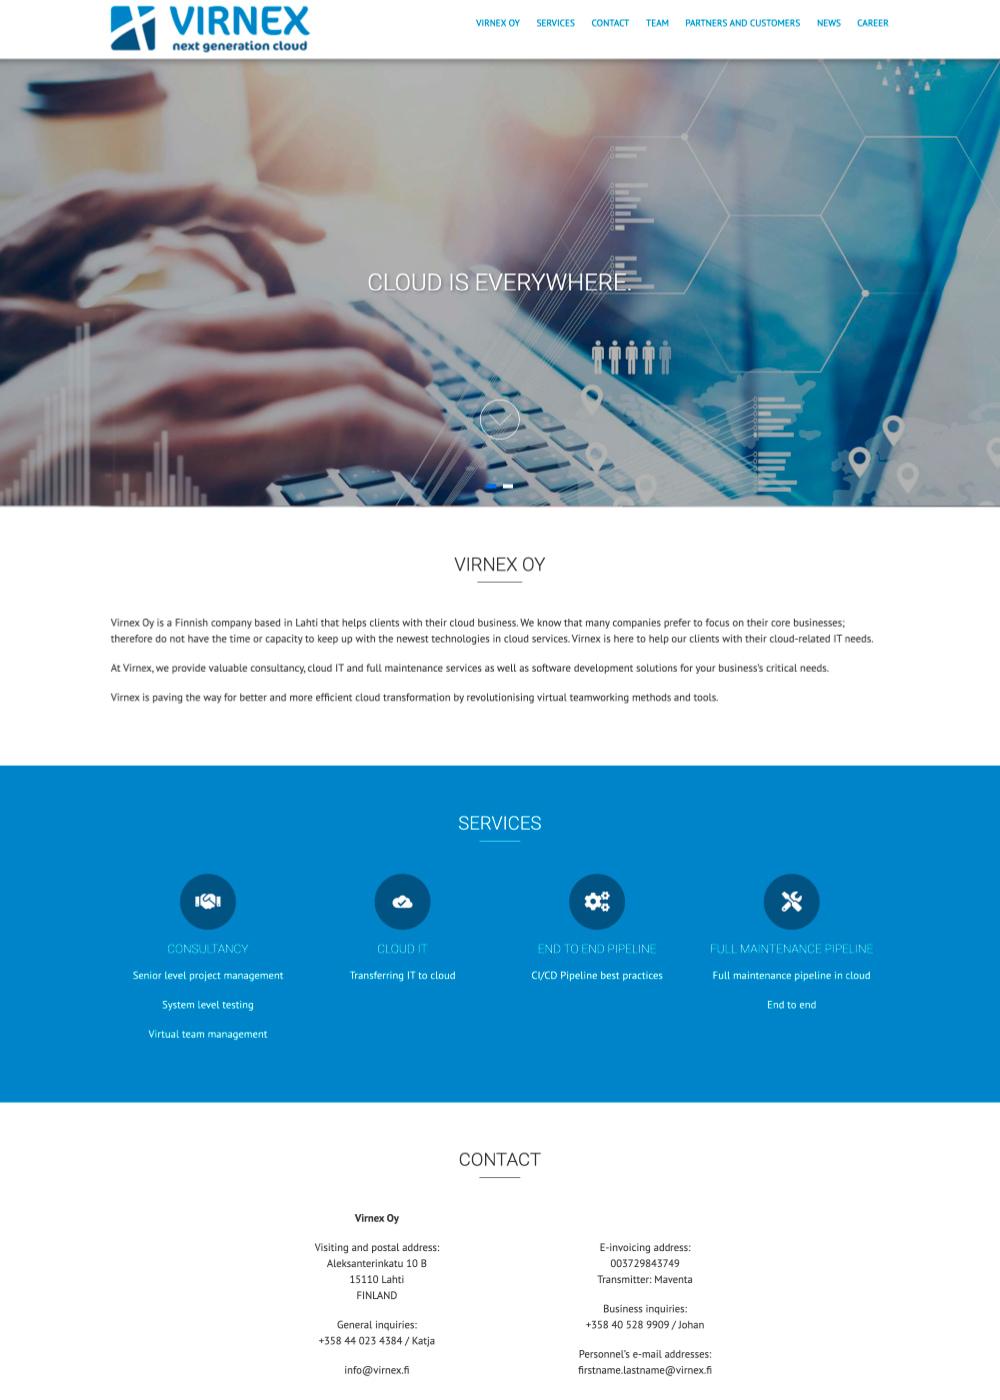 Virnex verkkosivuston kuvankaappaus